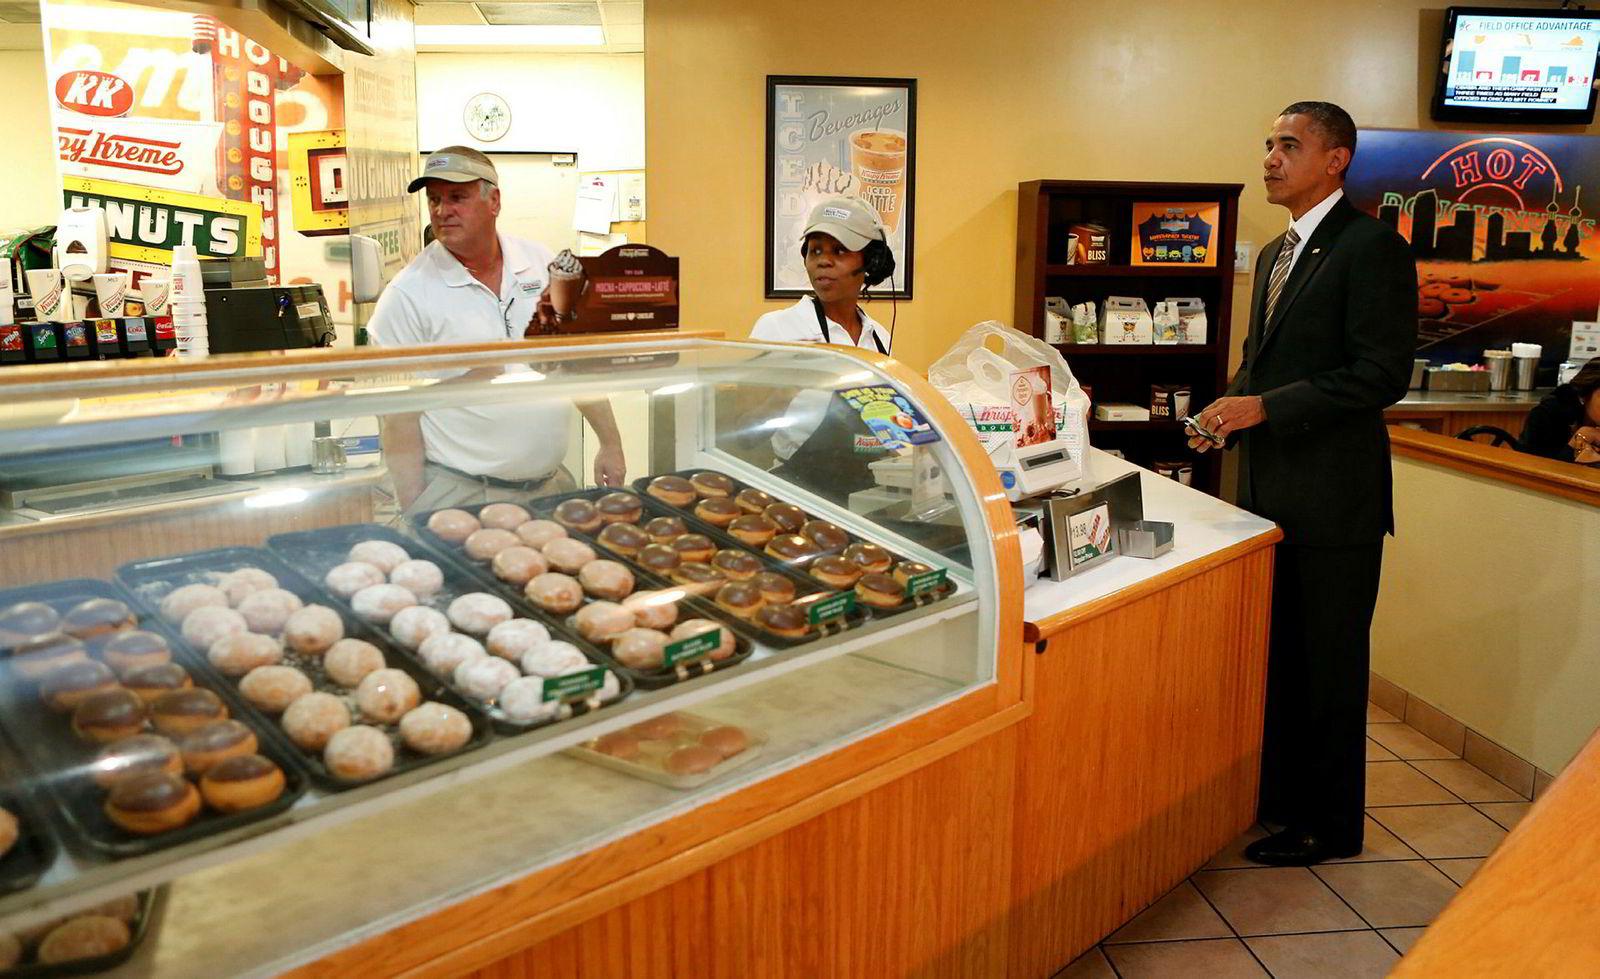 Tidligere USA-president Barack Obama på besøk hos doughnut-kjeden Krispy Kreme under valgkampen i 2012. Kjeden er eid av den tyske Reimann-familien, som nå donerer millioner til veldedighet etter at sterke bånd til naziregimet ble avdekket.